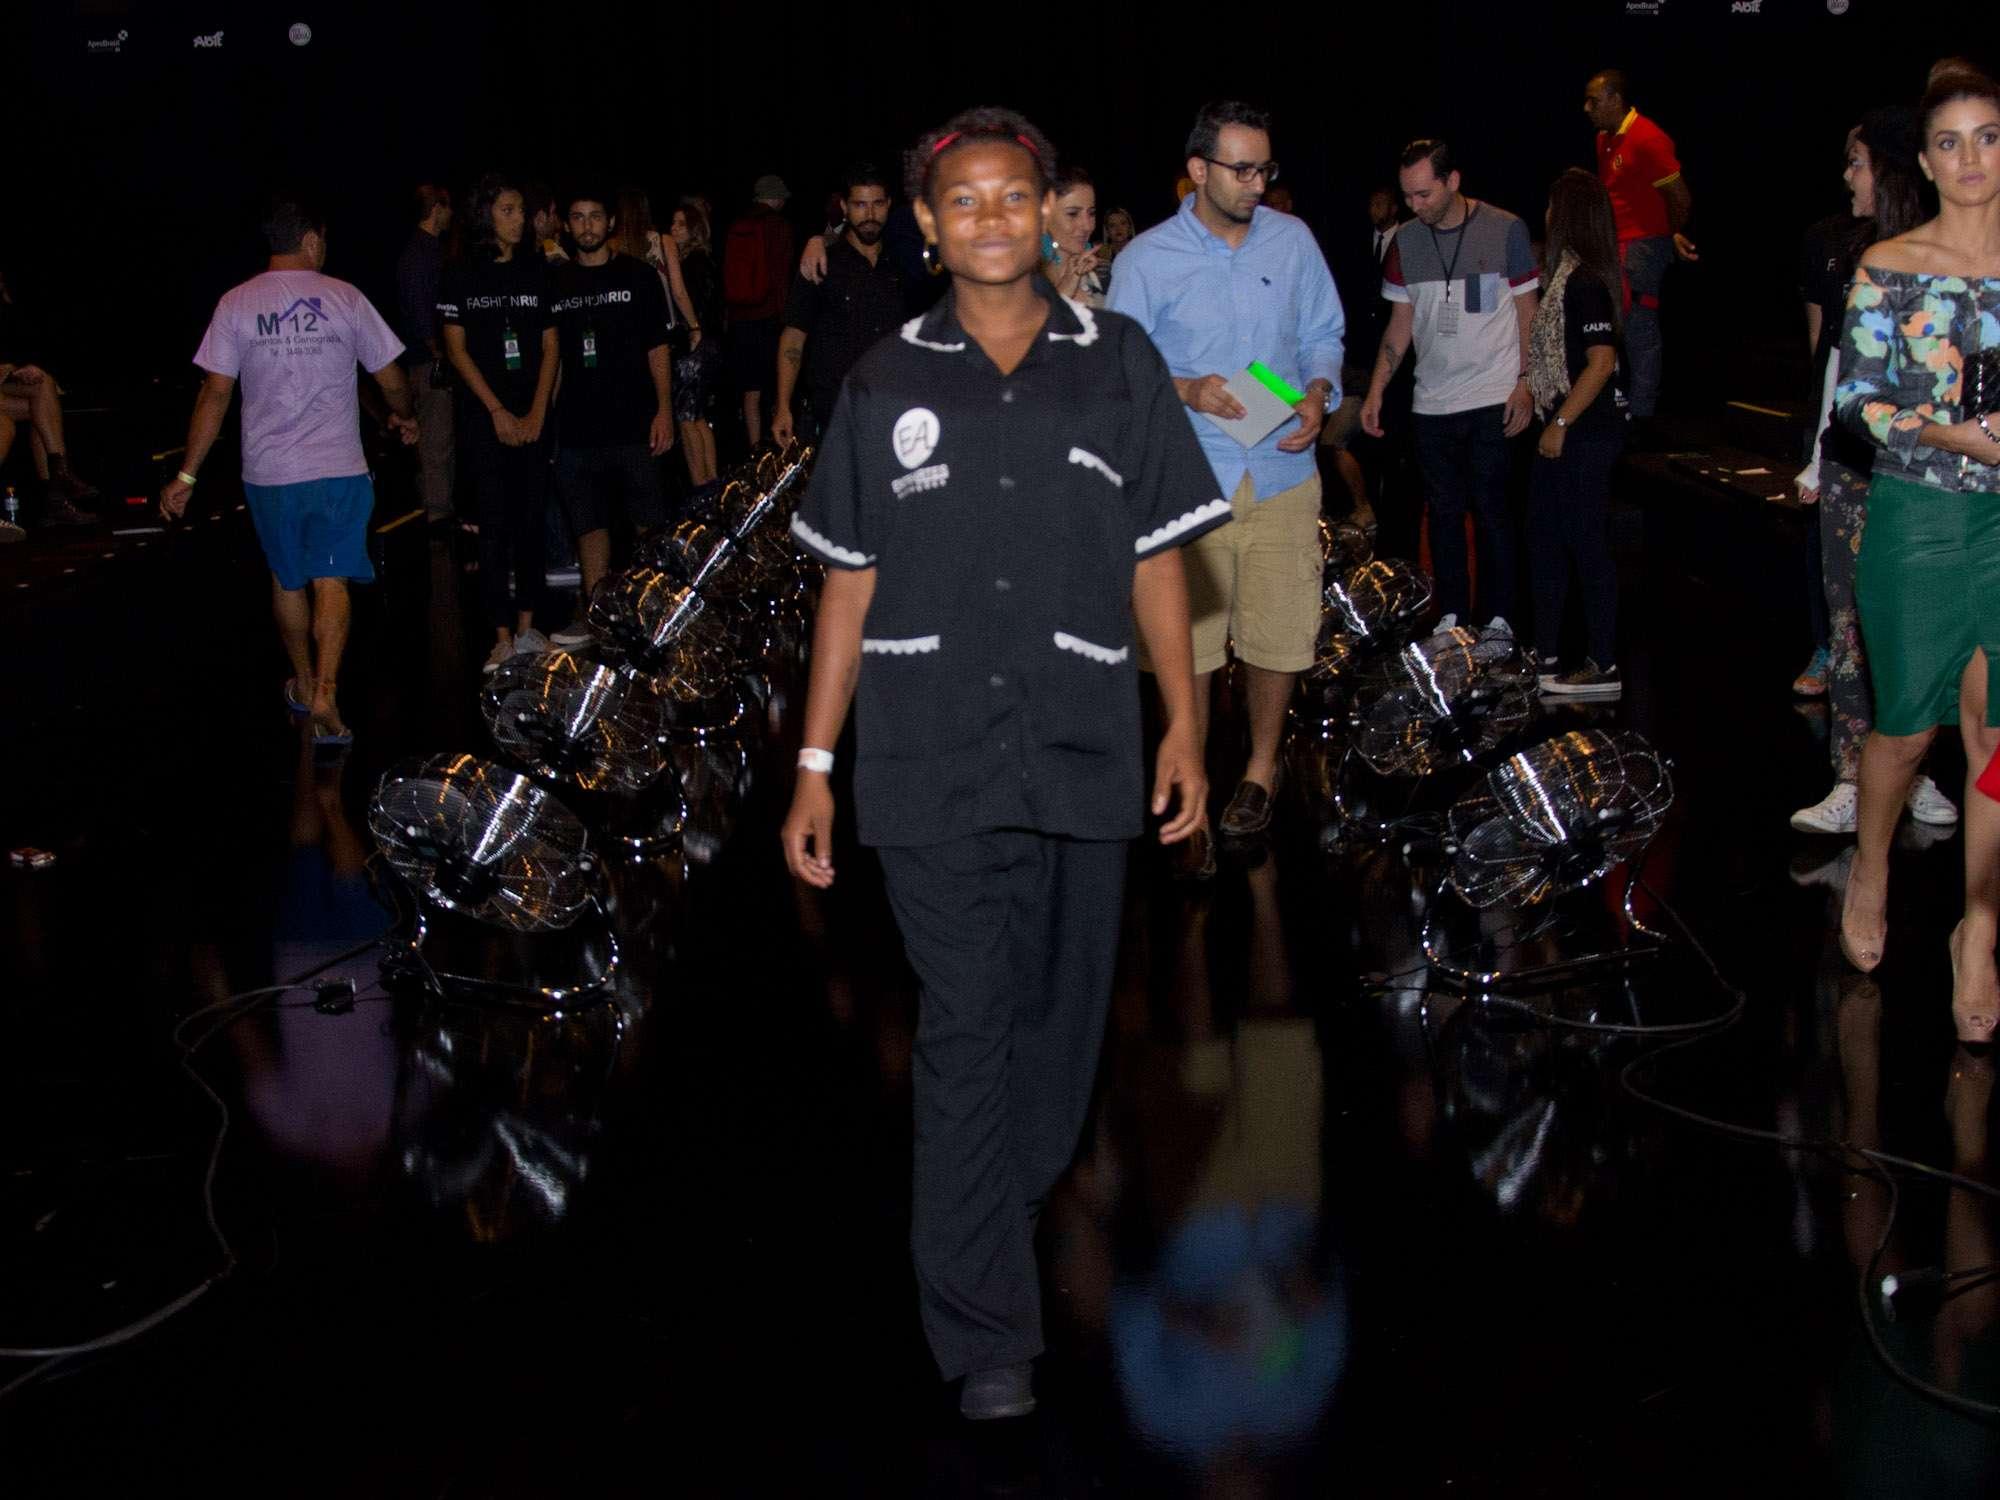 """Luciana dos Santos trabalhou no Fashion Rio como faxineira e carregadora de equipamentos e viu pela primeira vez na vida um desfile de moda. """"Foi emocionante"""", resumiu Foto: Luciana Monteiro/Especial para Terra"""